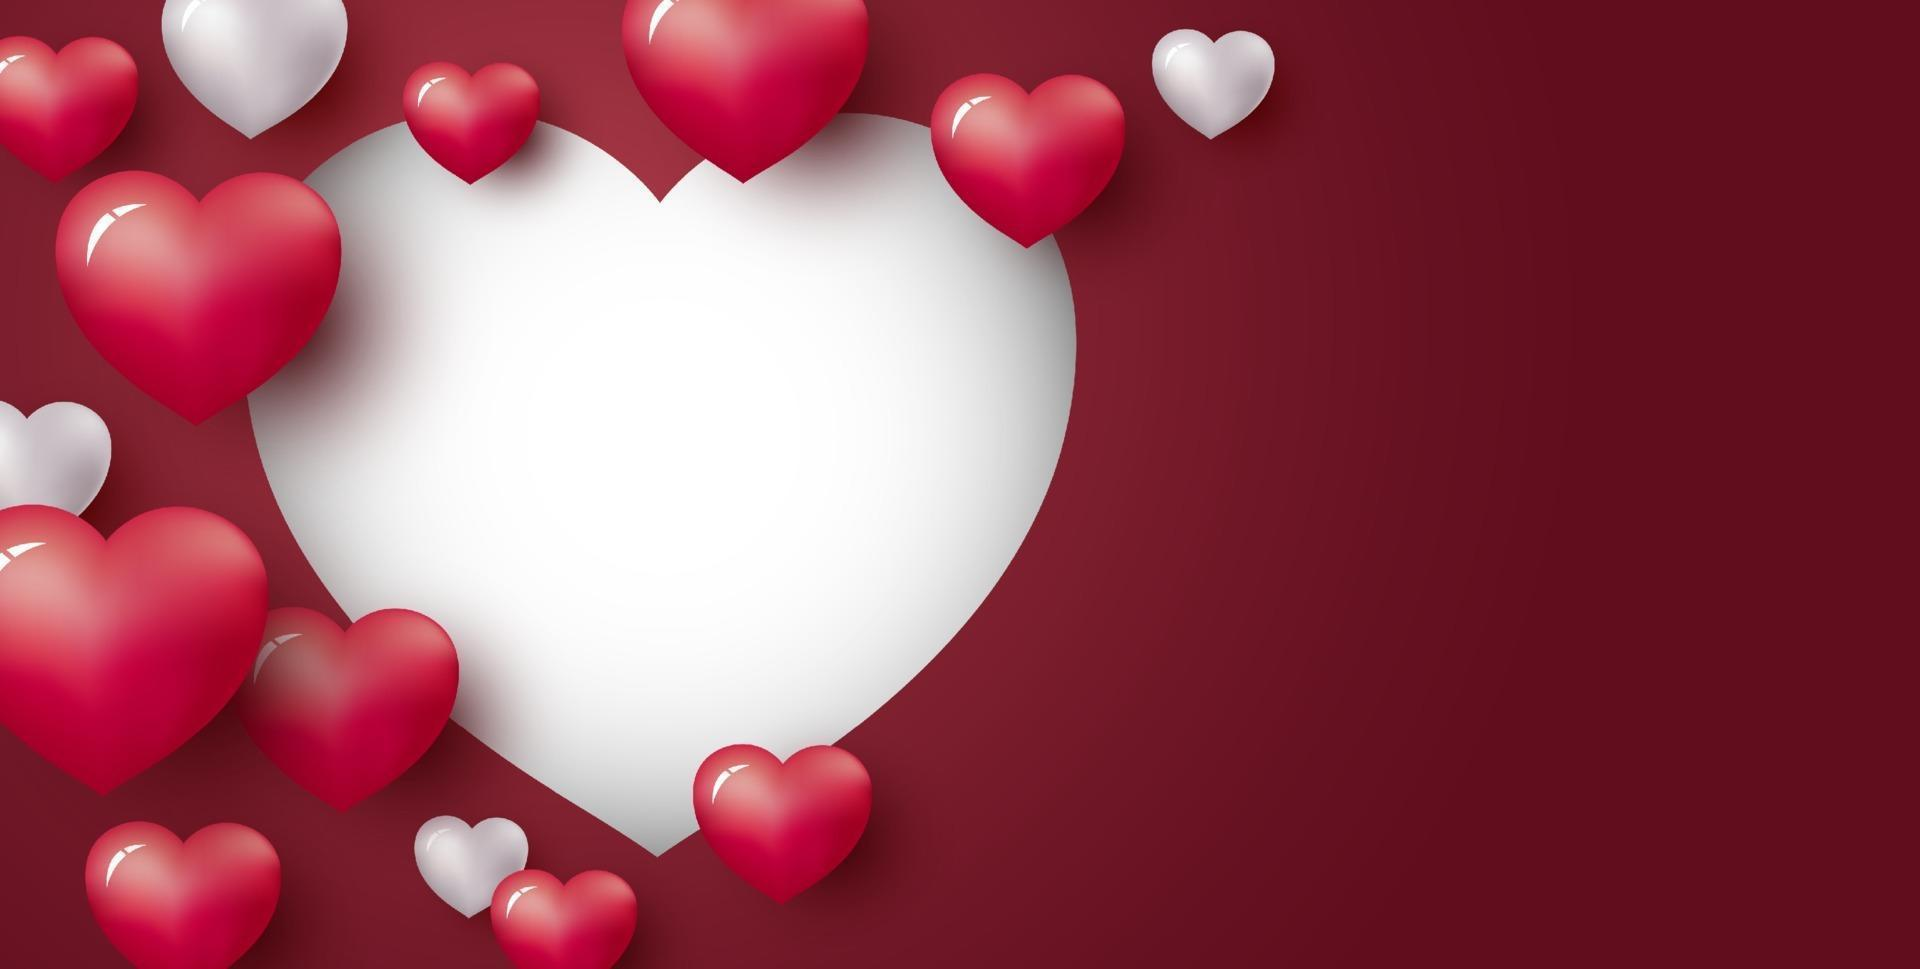 amo o projeto de conceito de coração em fundo vermelho com espaço de cópia dia dos namorados e ilustração vetorial de casamento vetor